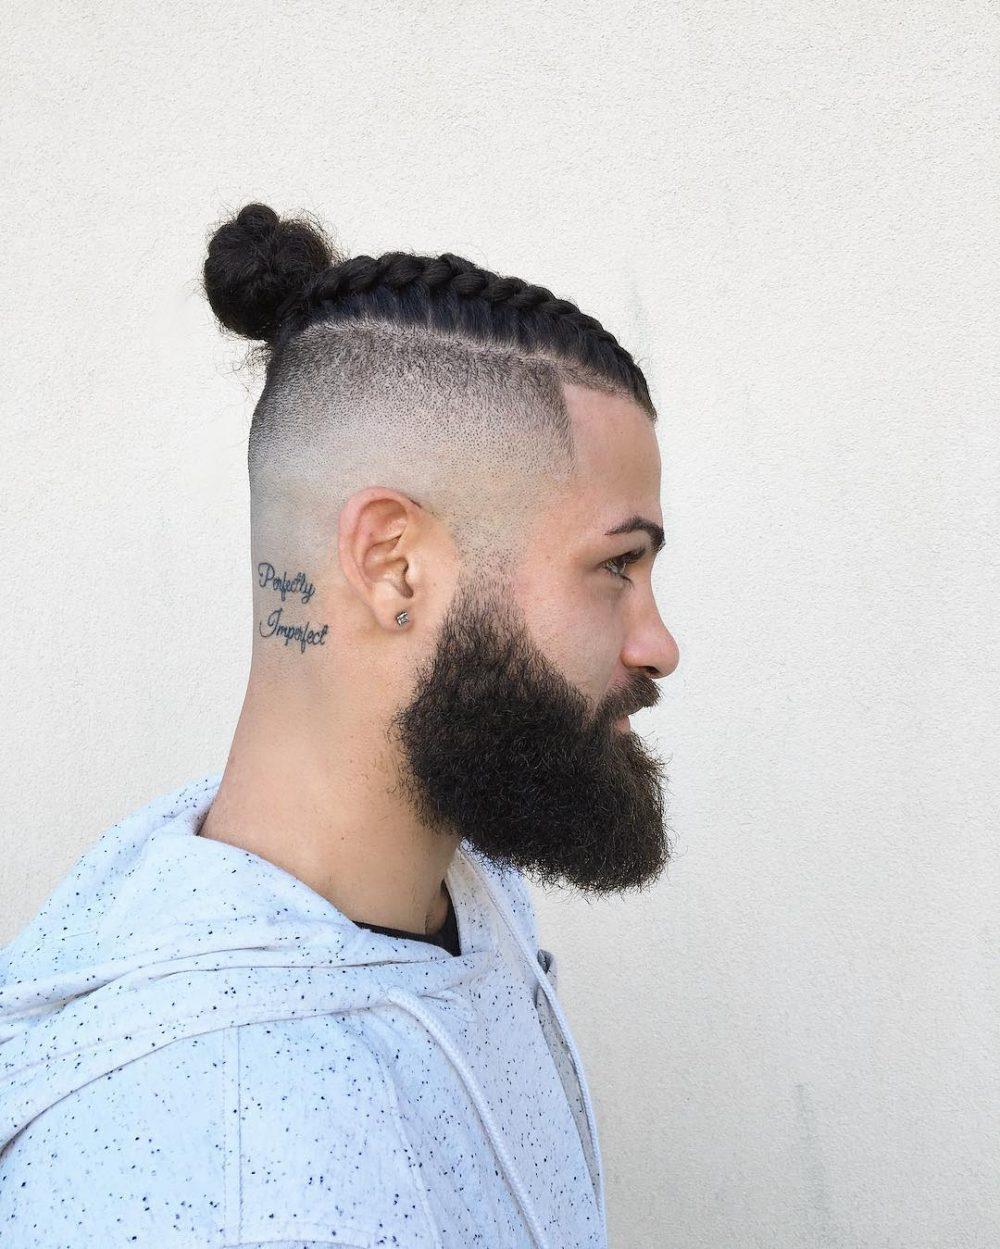 28 Braids for Men – The 'Man Braid'